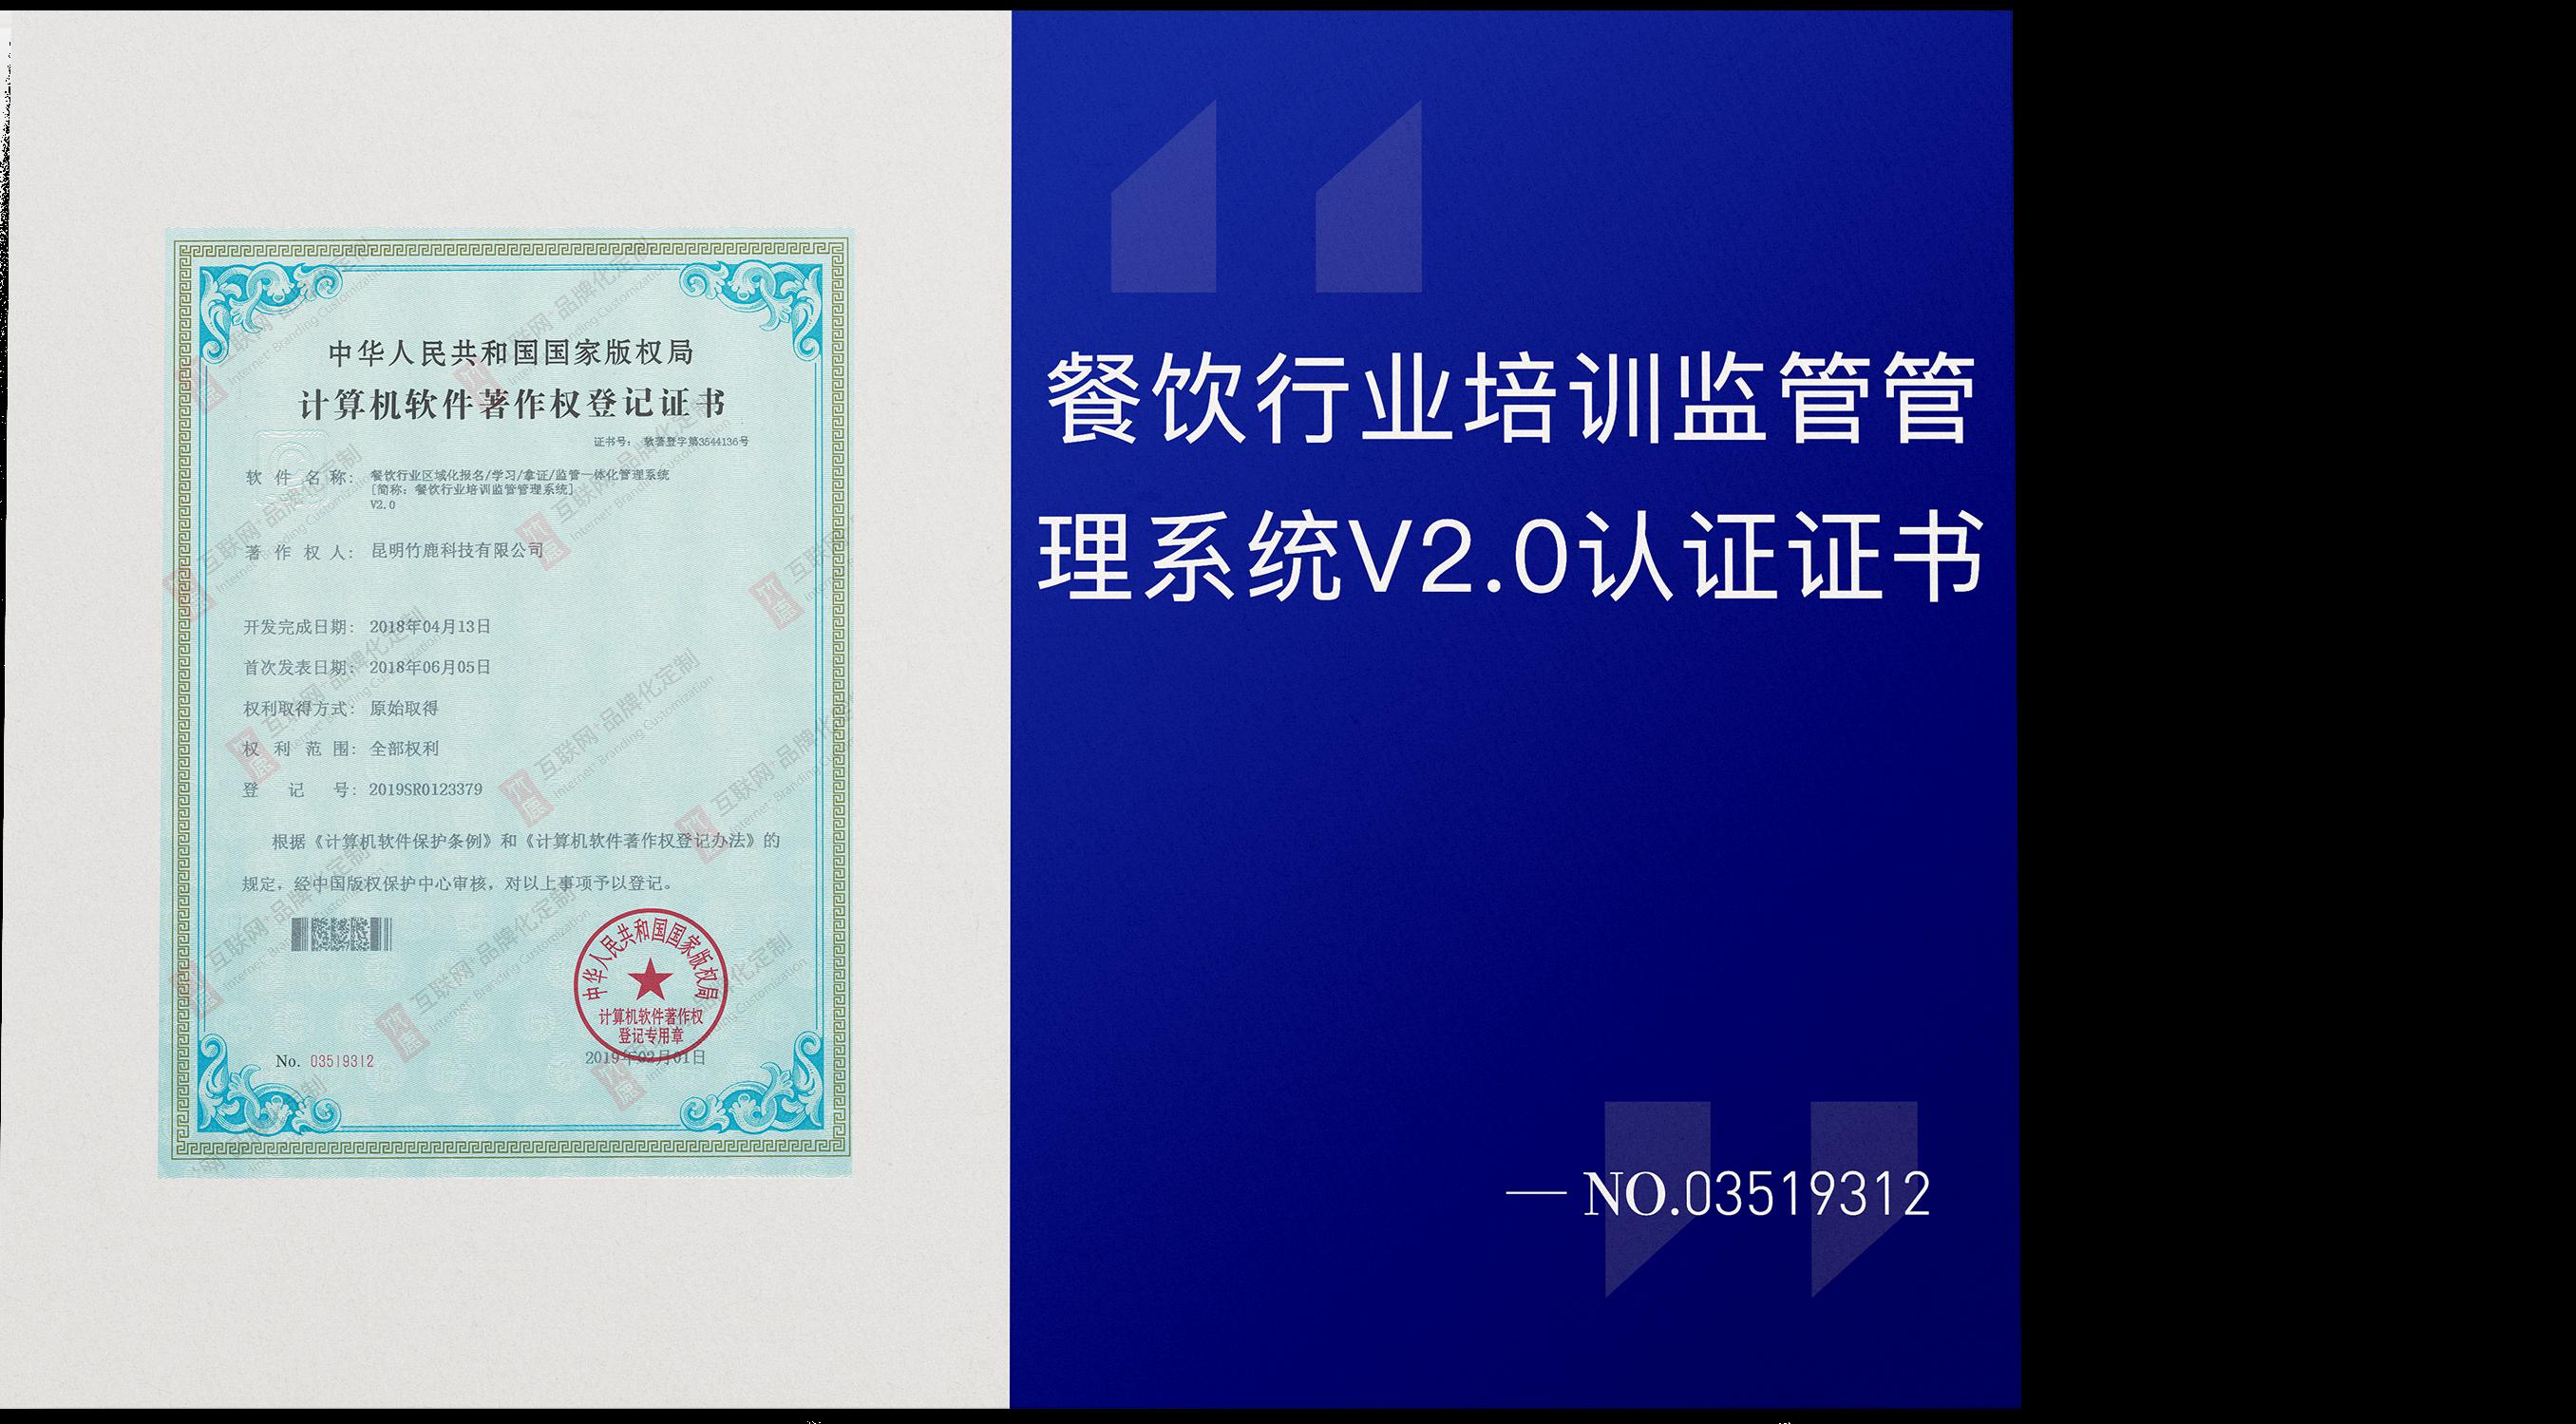 餐饮行业培训监管管理系统V2.0认证证书